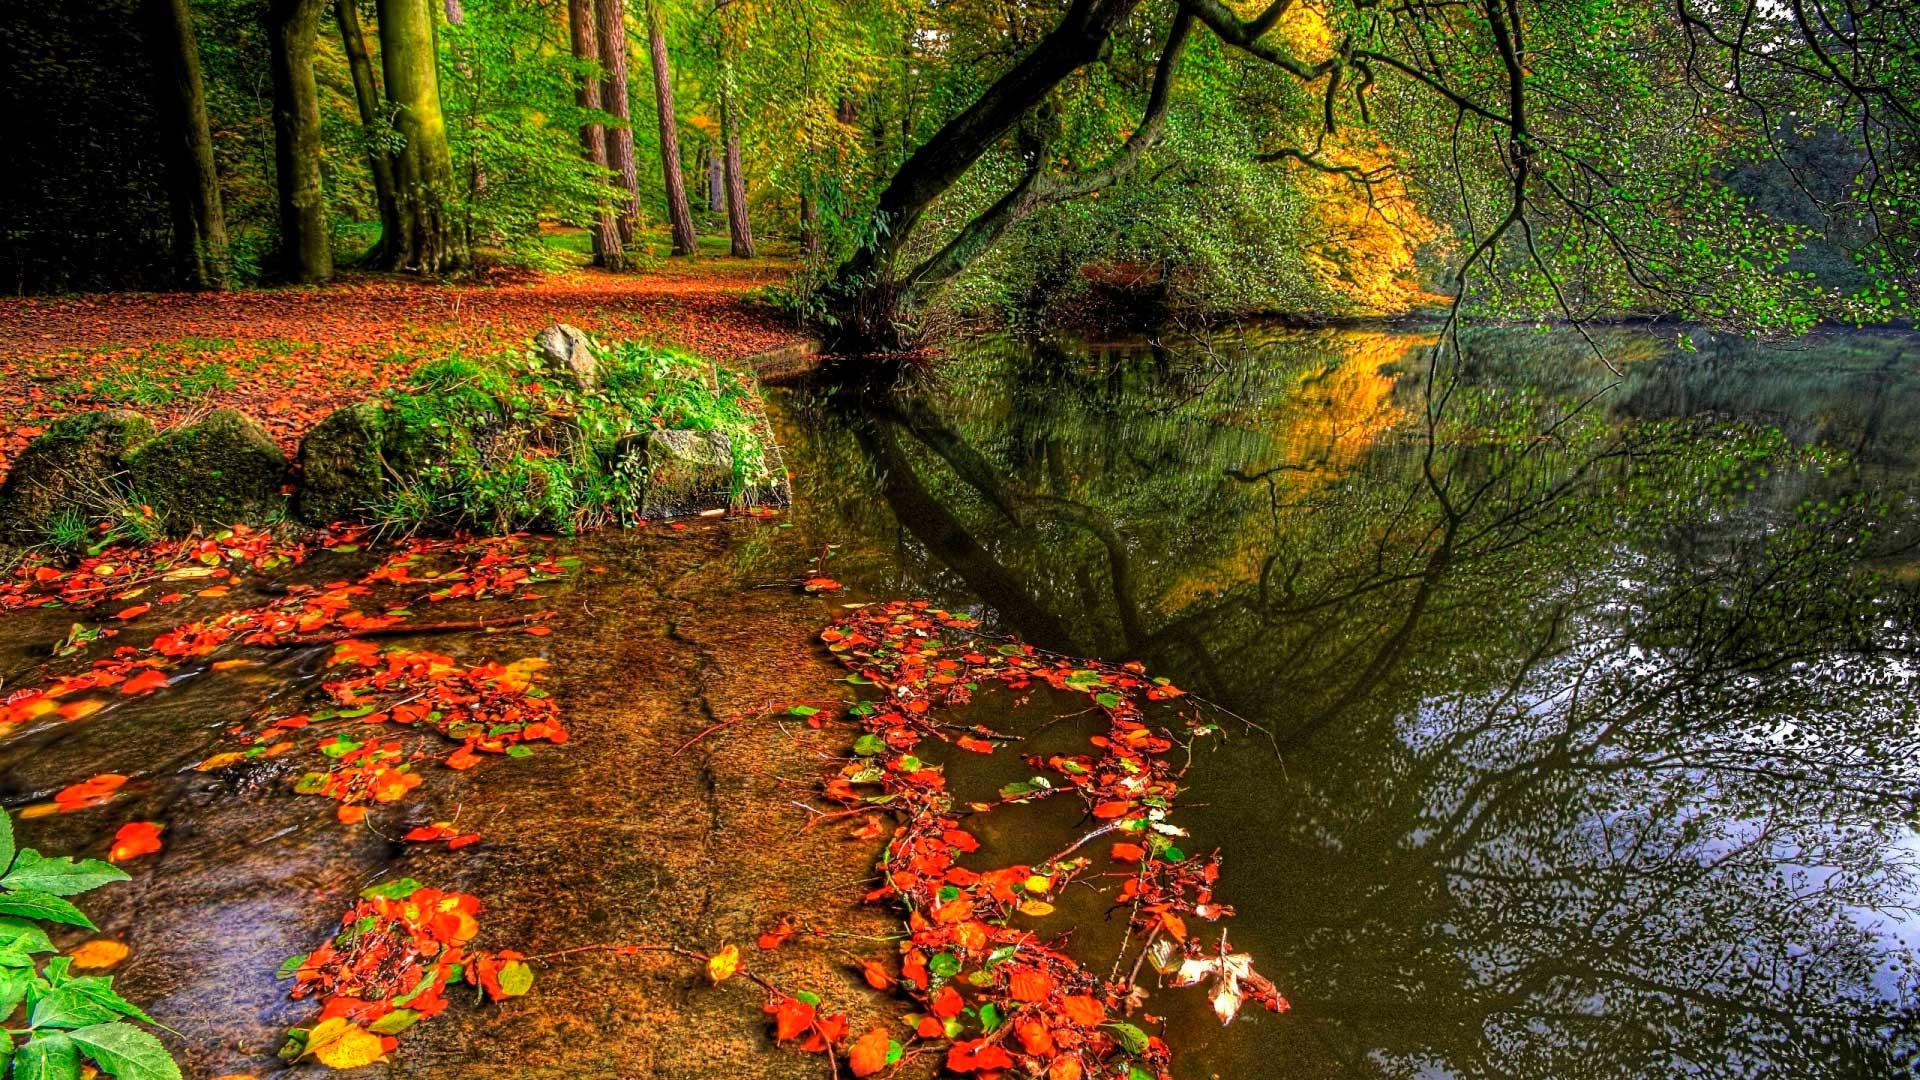 картинки на рабочий стол красивые осень широкоформатные